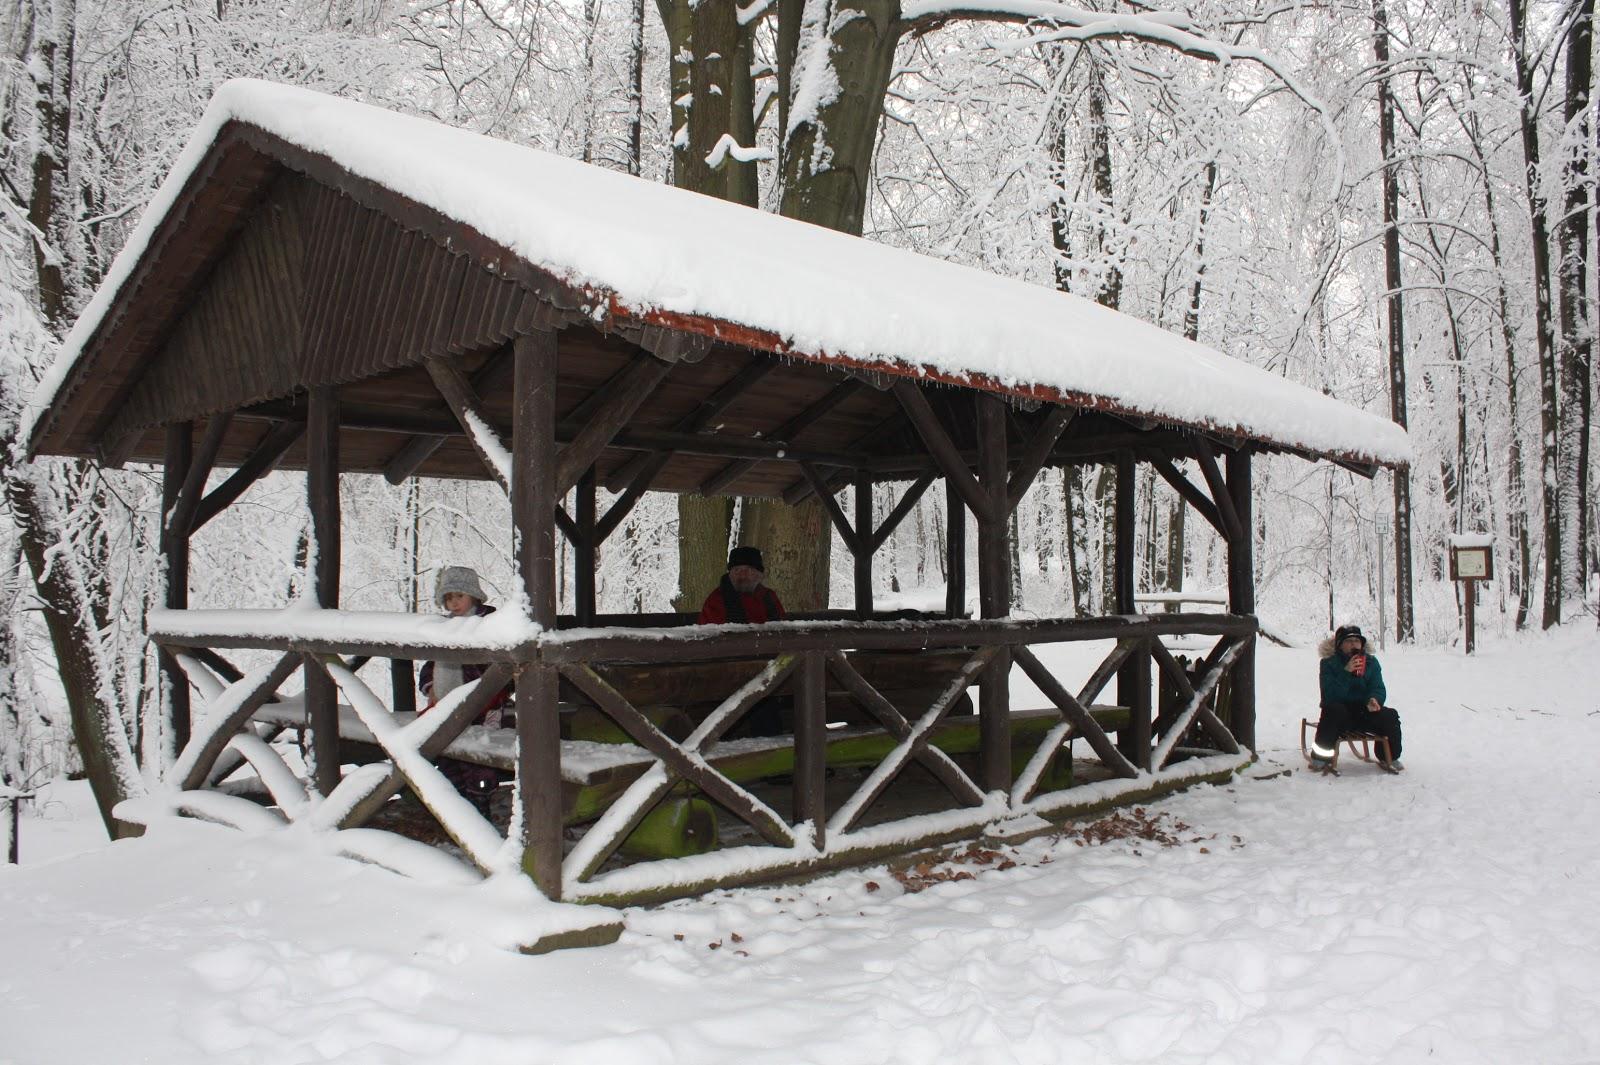 homeaway fewo direkt fragt wo liegt dein winterparadies wie finden wir es. Black Bedroom Furniture Sets. Home Design Ideas